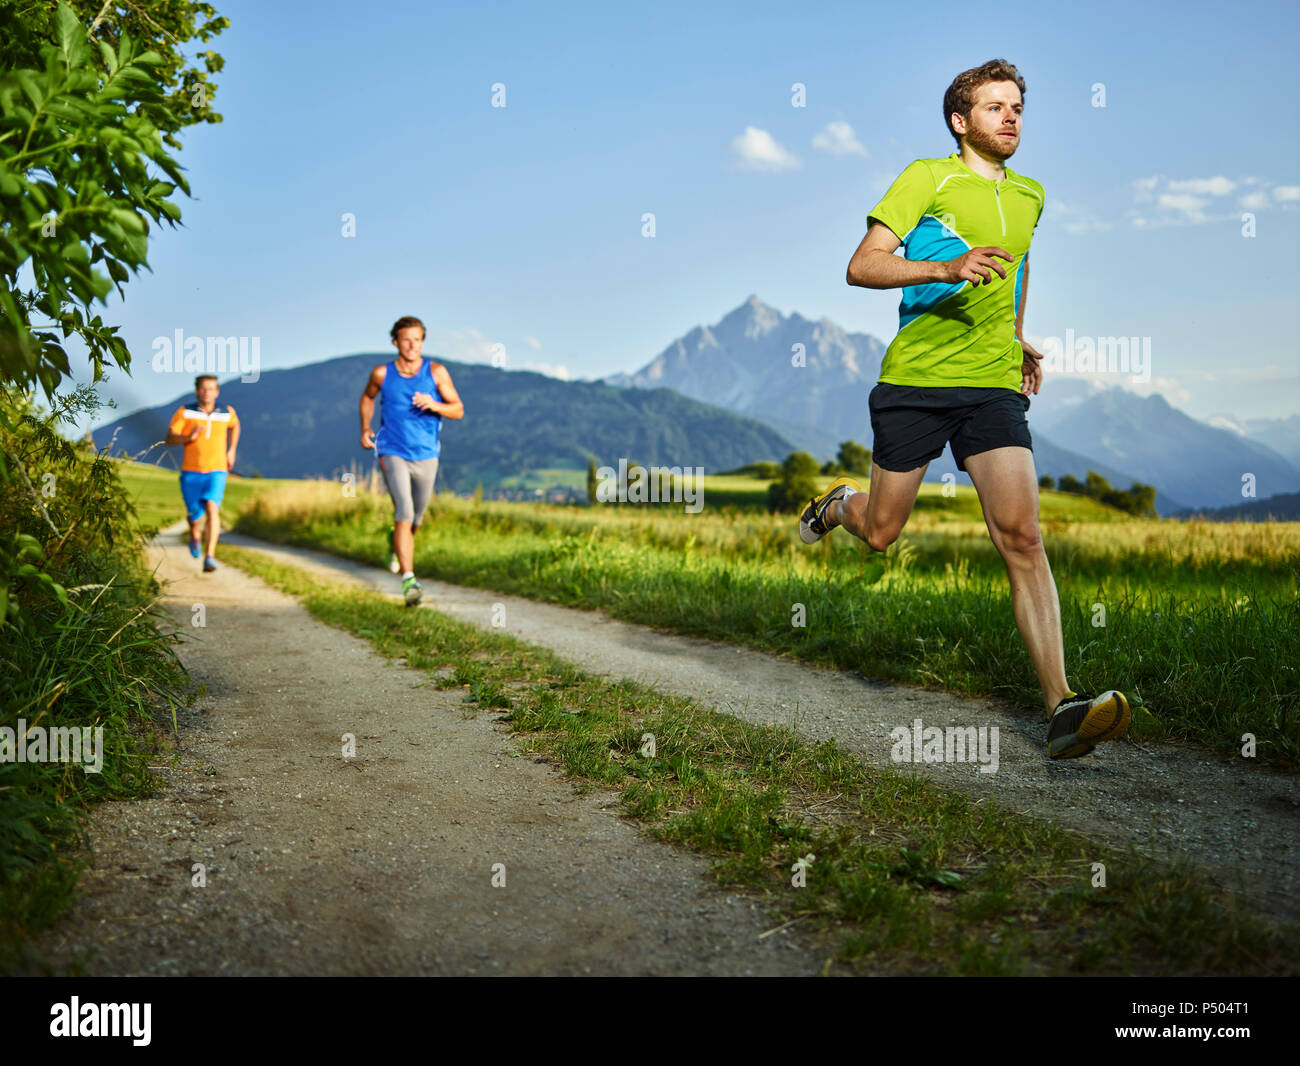 Gli atleti in esecuzione sul percorso del campo Immagini Stock